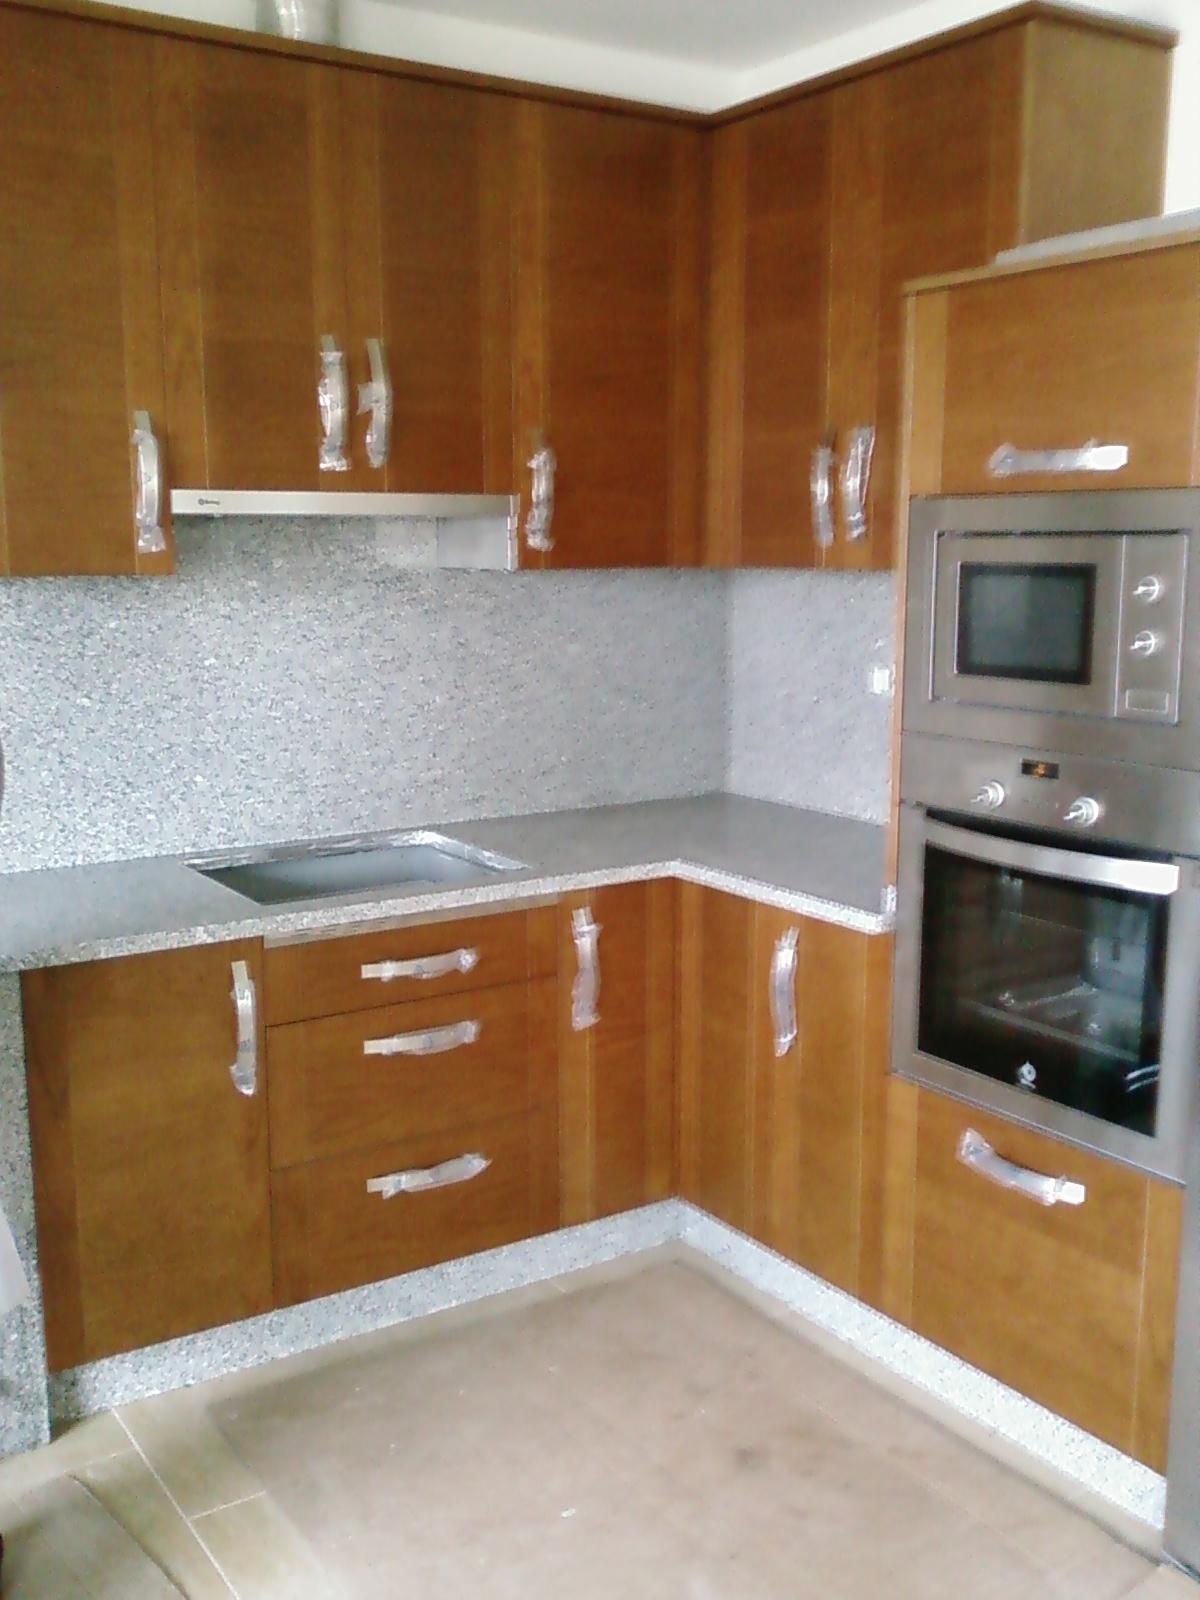 Encimeras de cocina y ba o tecnigranit for Colores de granito para encimeras